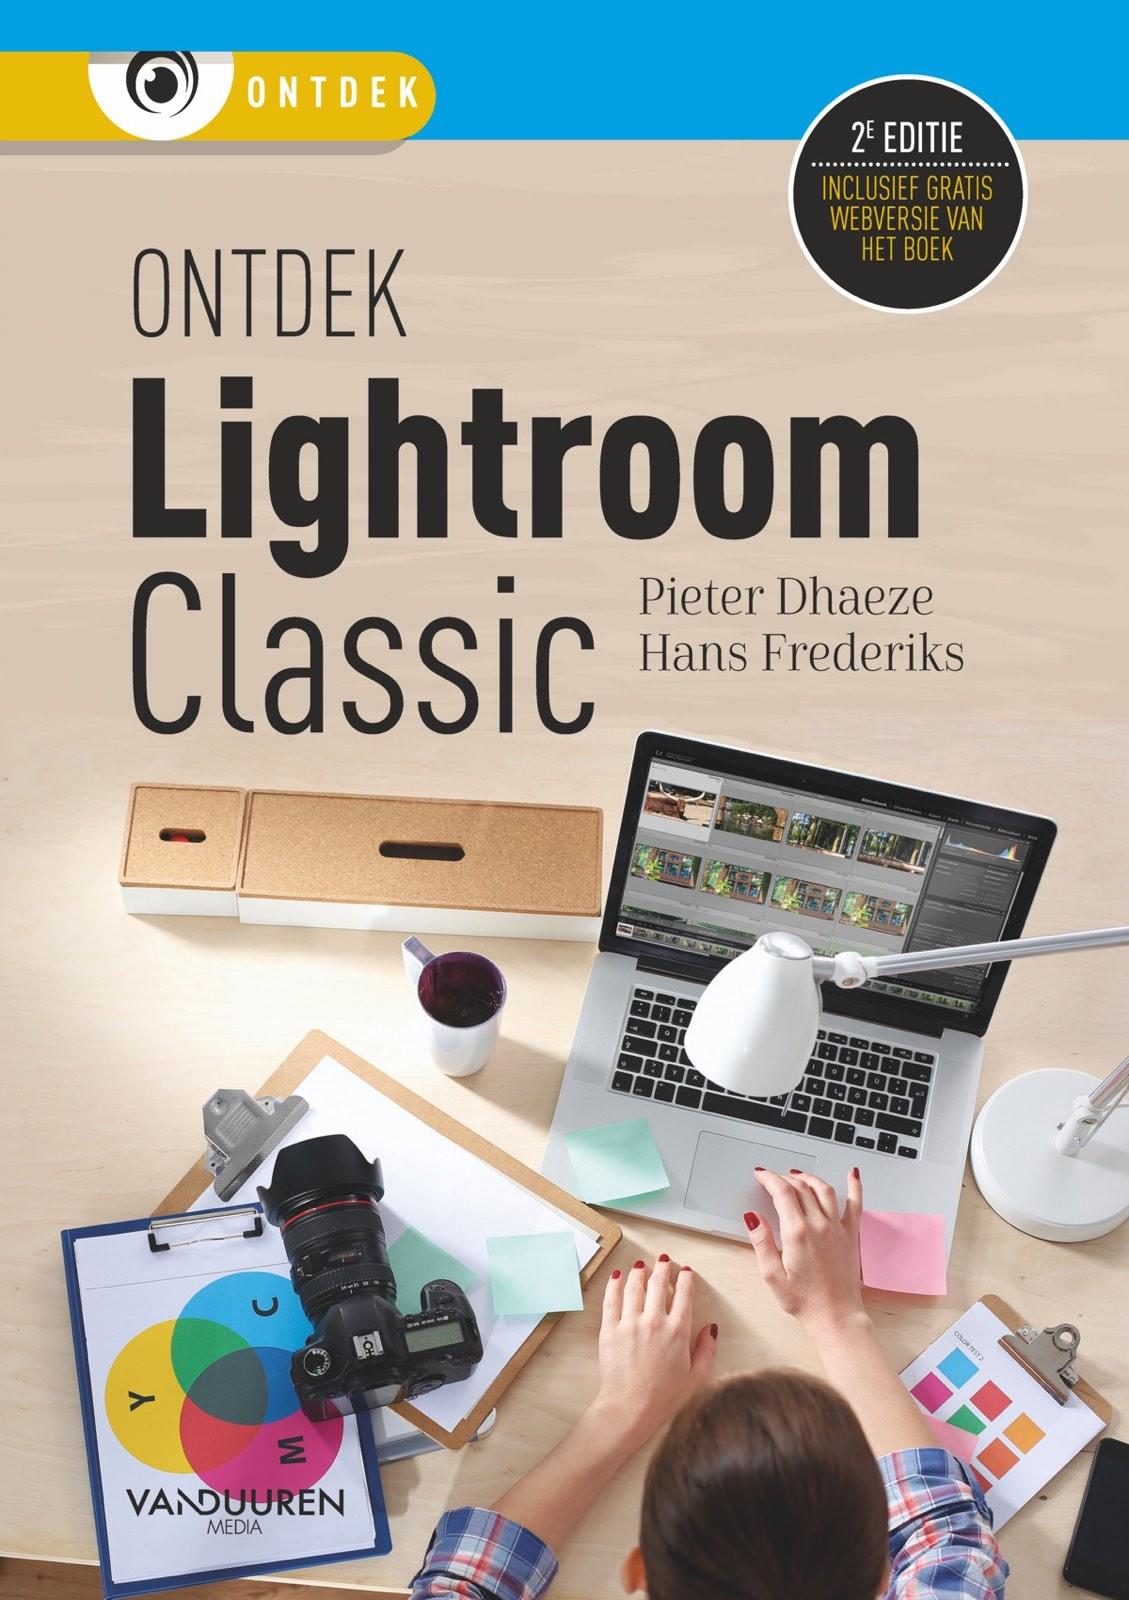 Ontdek Lightroom Classic CC- Pieter Dhaeze | Hans Frederiks, isbn 9789463561303